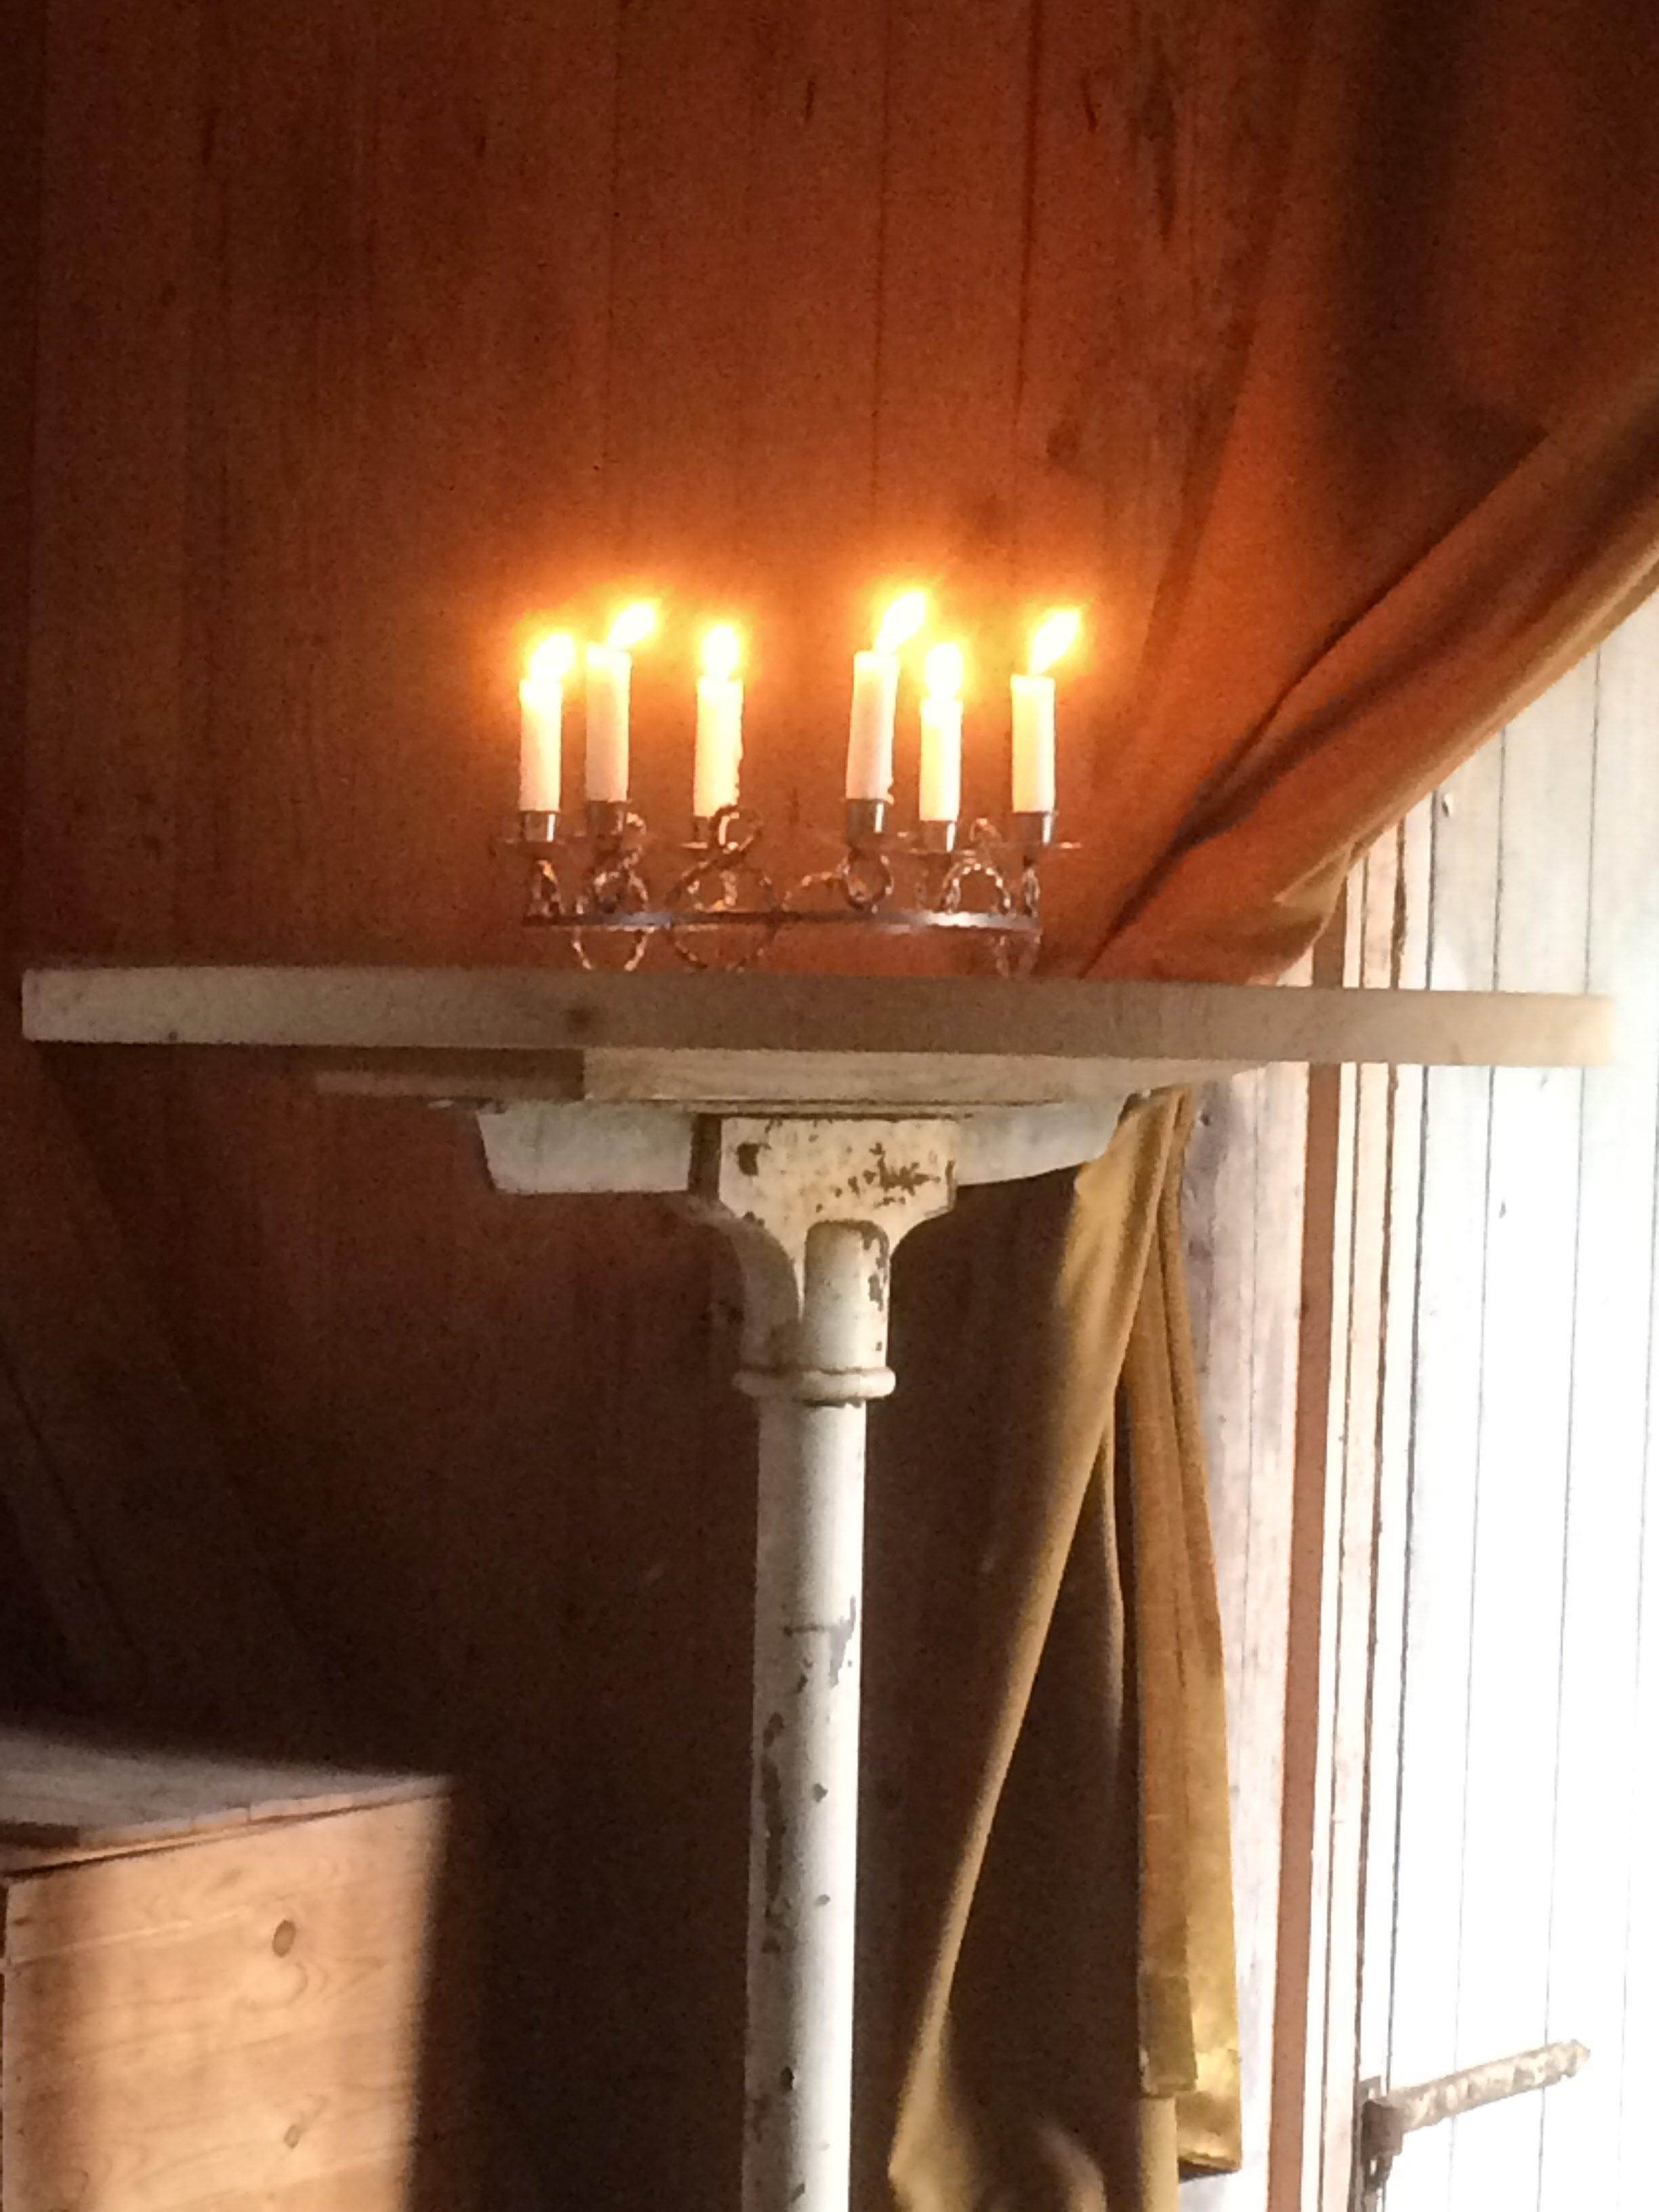 Stearinljus brann i fikadelen och lyste upp samvaron